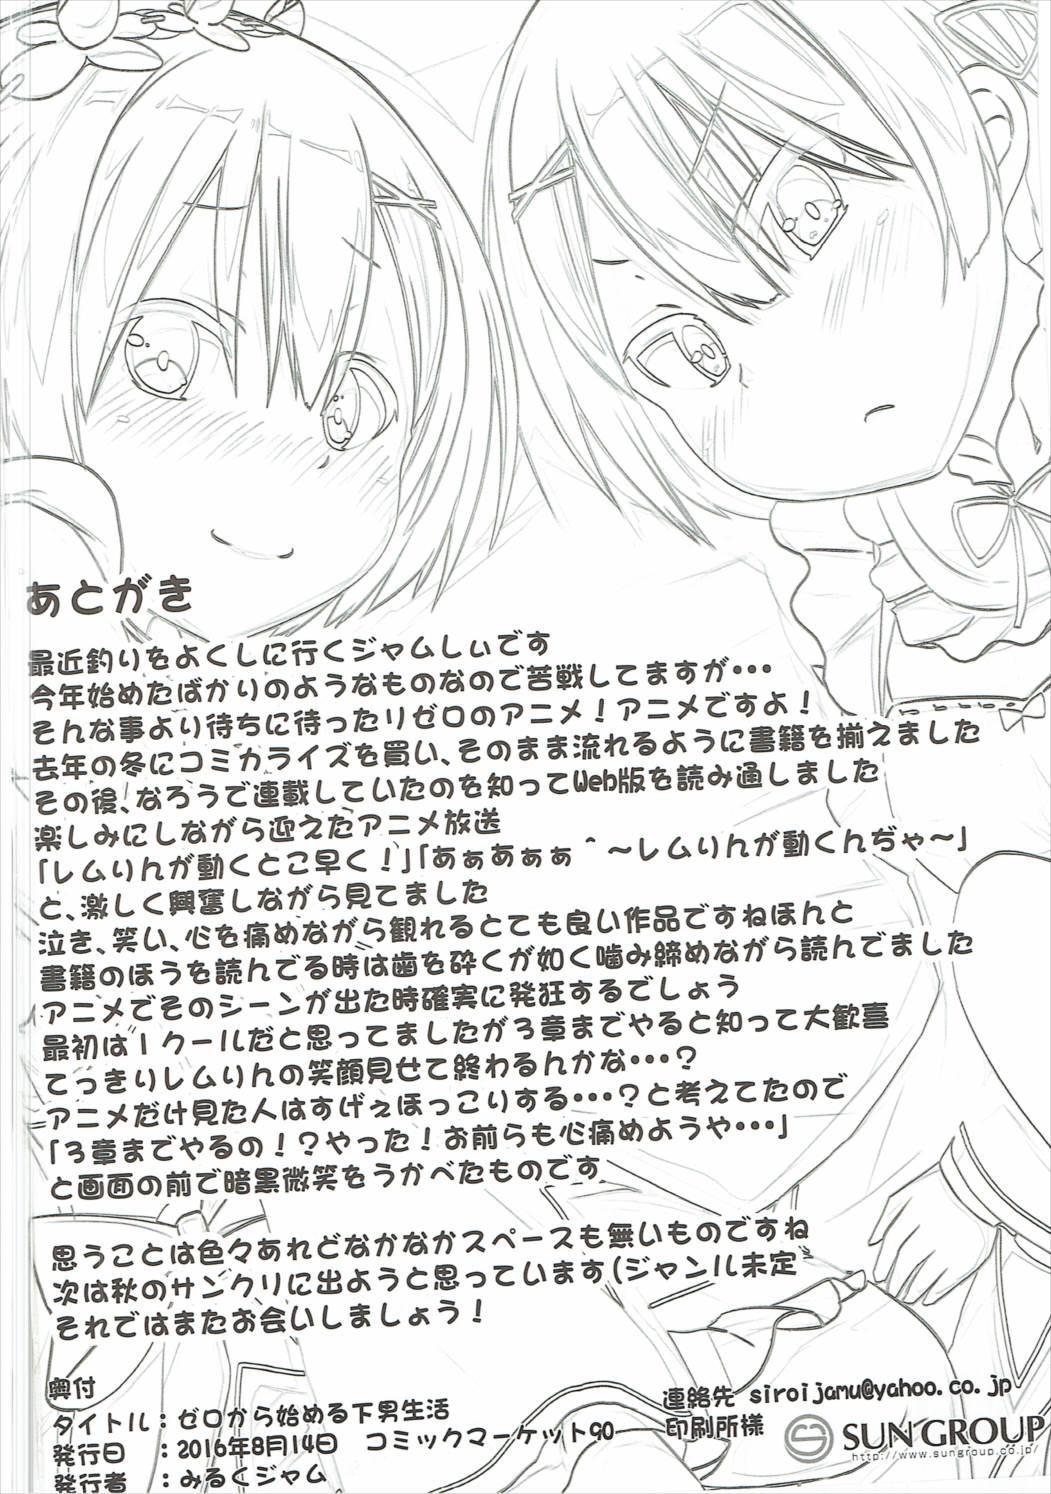 Zero kara Hajimeru Genan Seikatsu 20